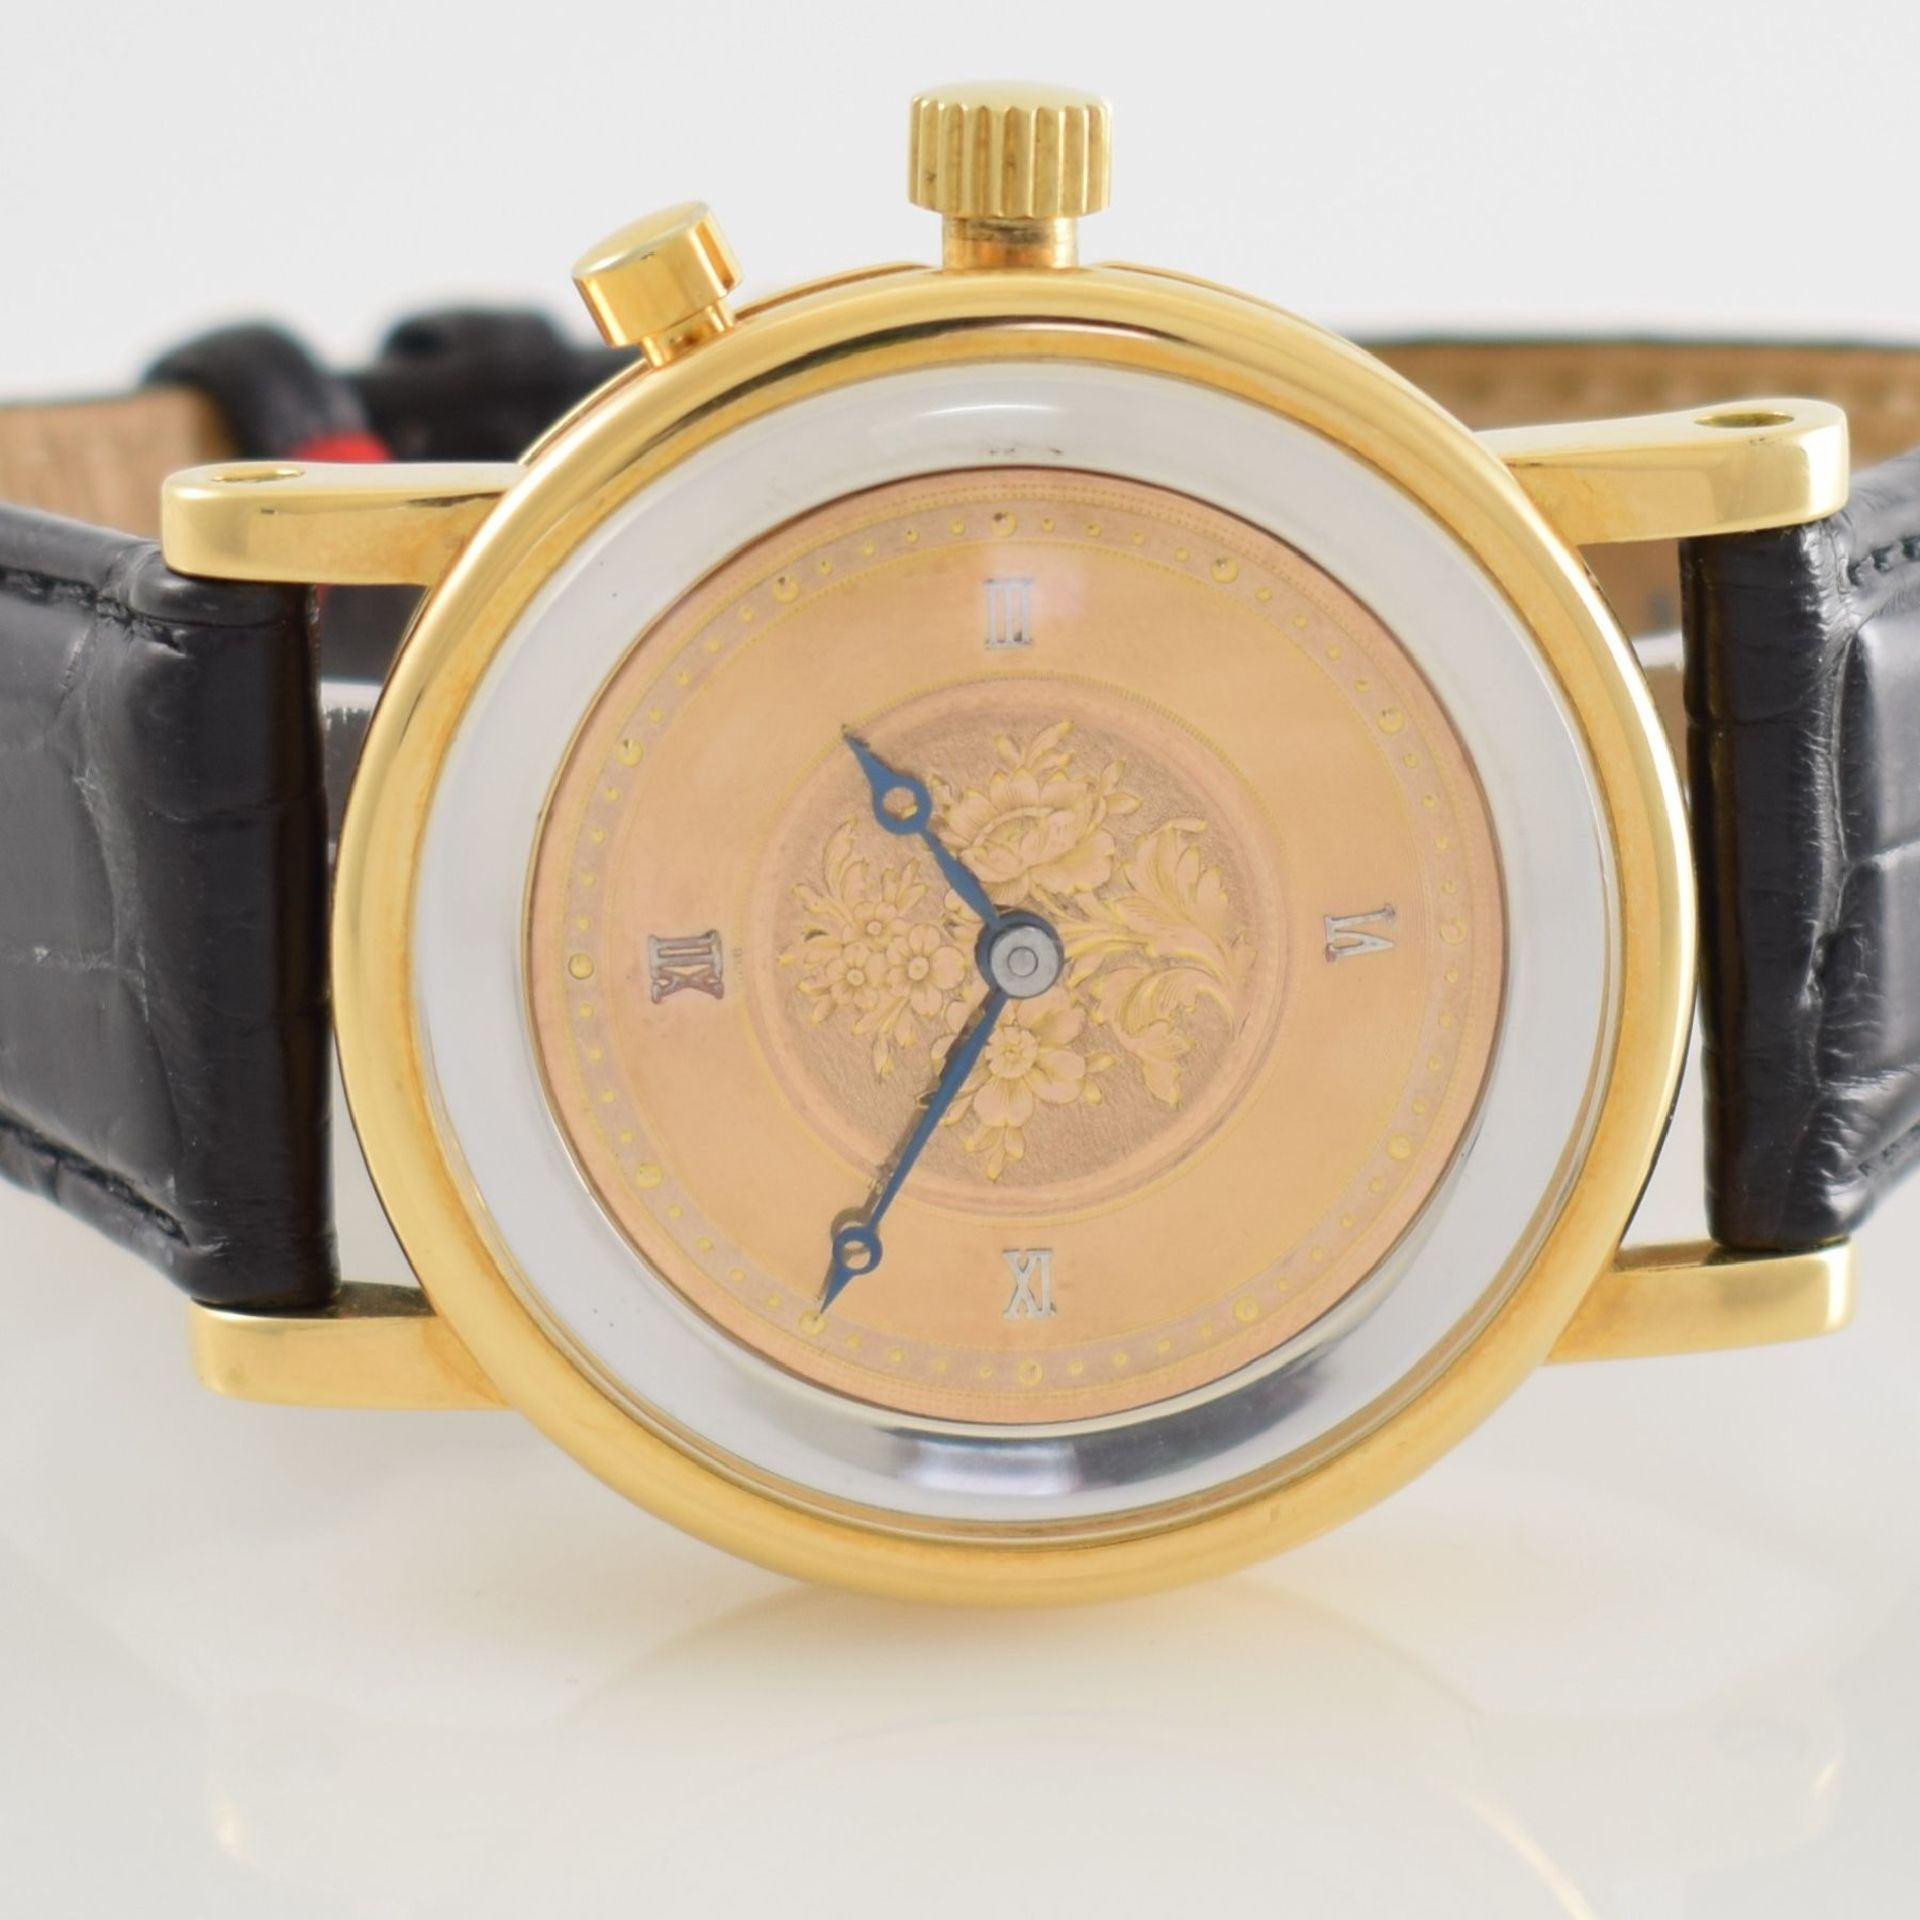 Taschenuhrwerk mit 1/4 Repetition umgebaut zur Armbanduhr in GG 750/000 Gehäuse, Handaufzug, - Bild 2 aus 9